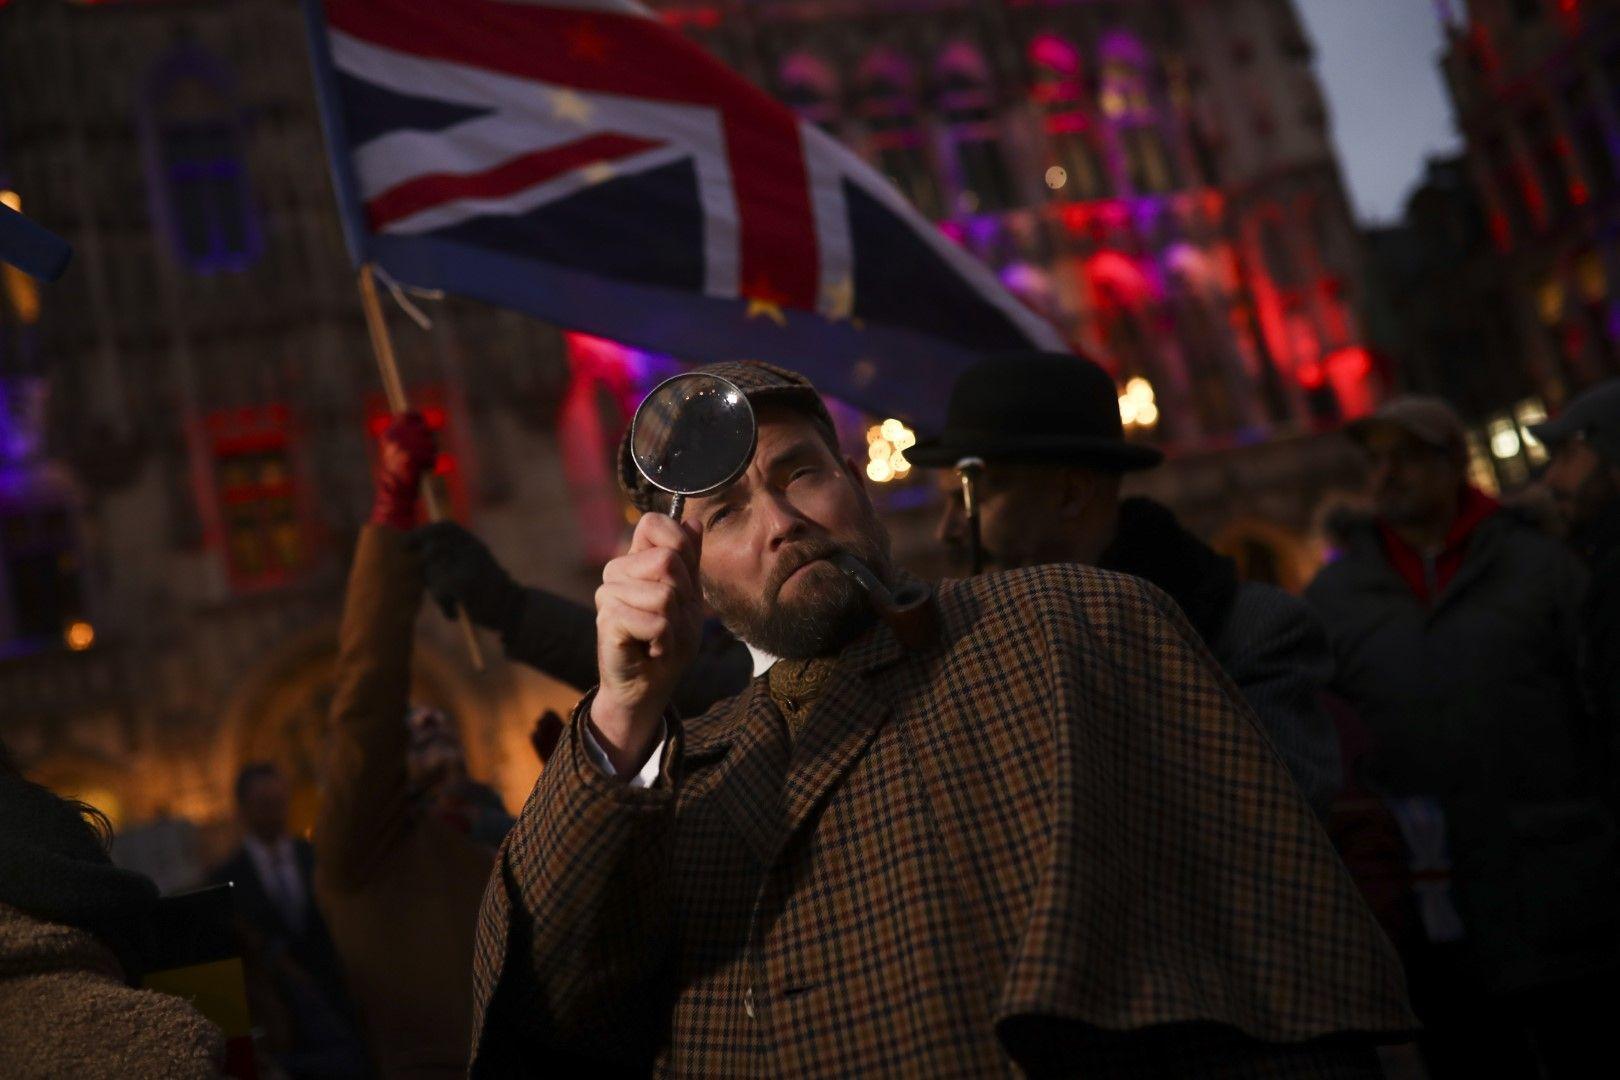 Мъж, пременил се като Шерлок Холмс. Сбогуване с Великобритания бе организирано на централния площад в Брюксел по залез слънце на 30 януари